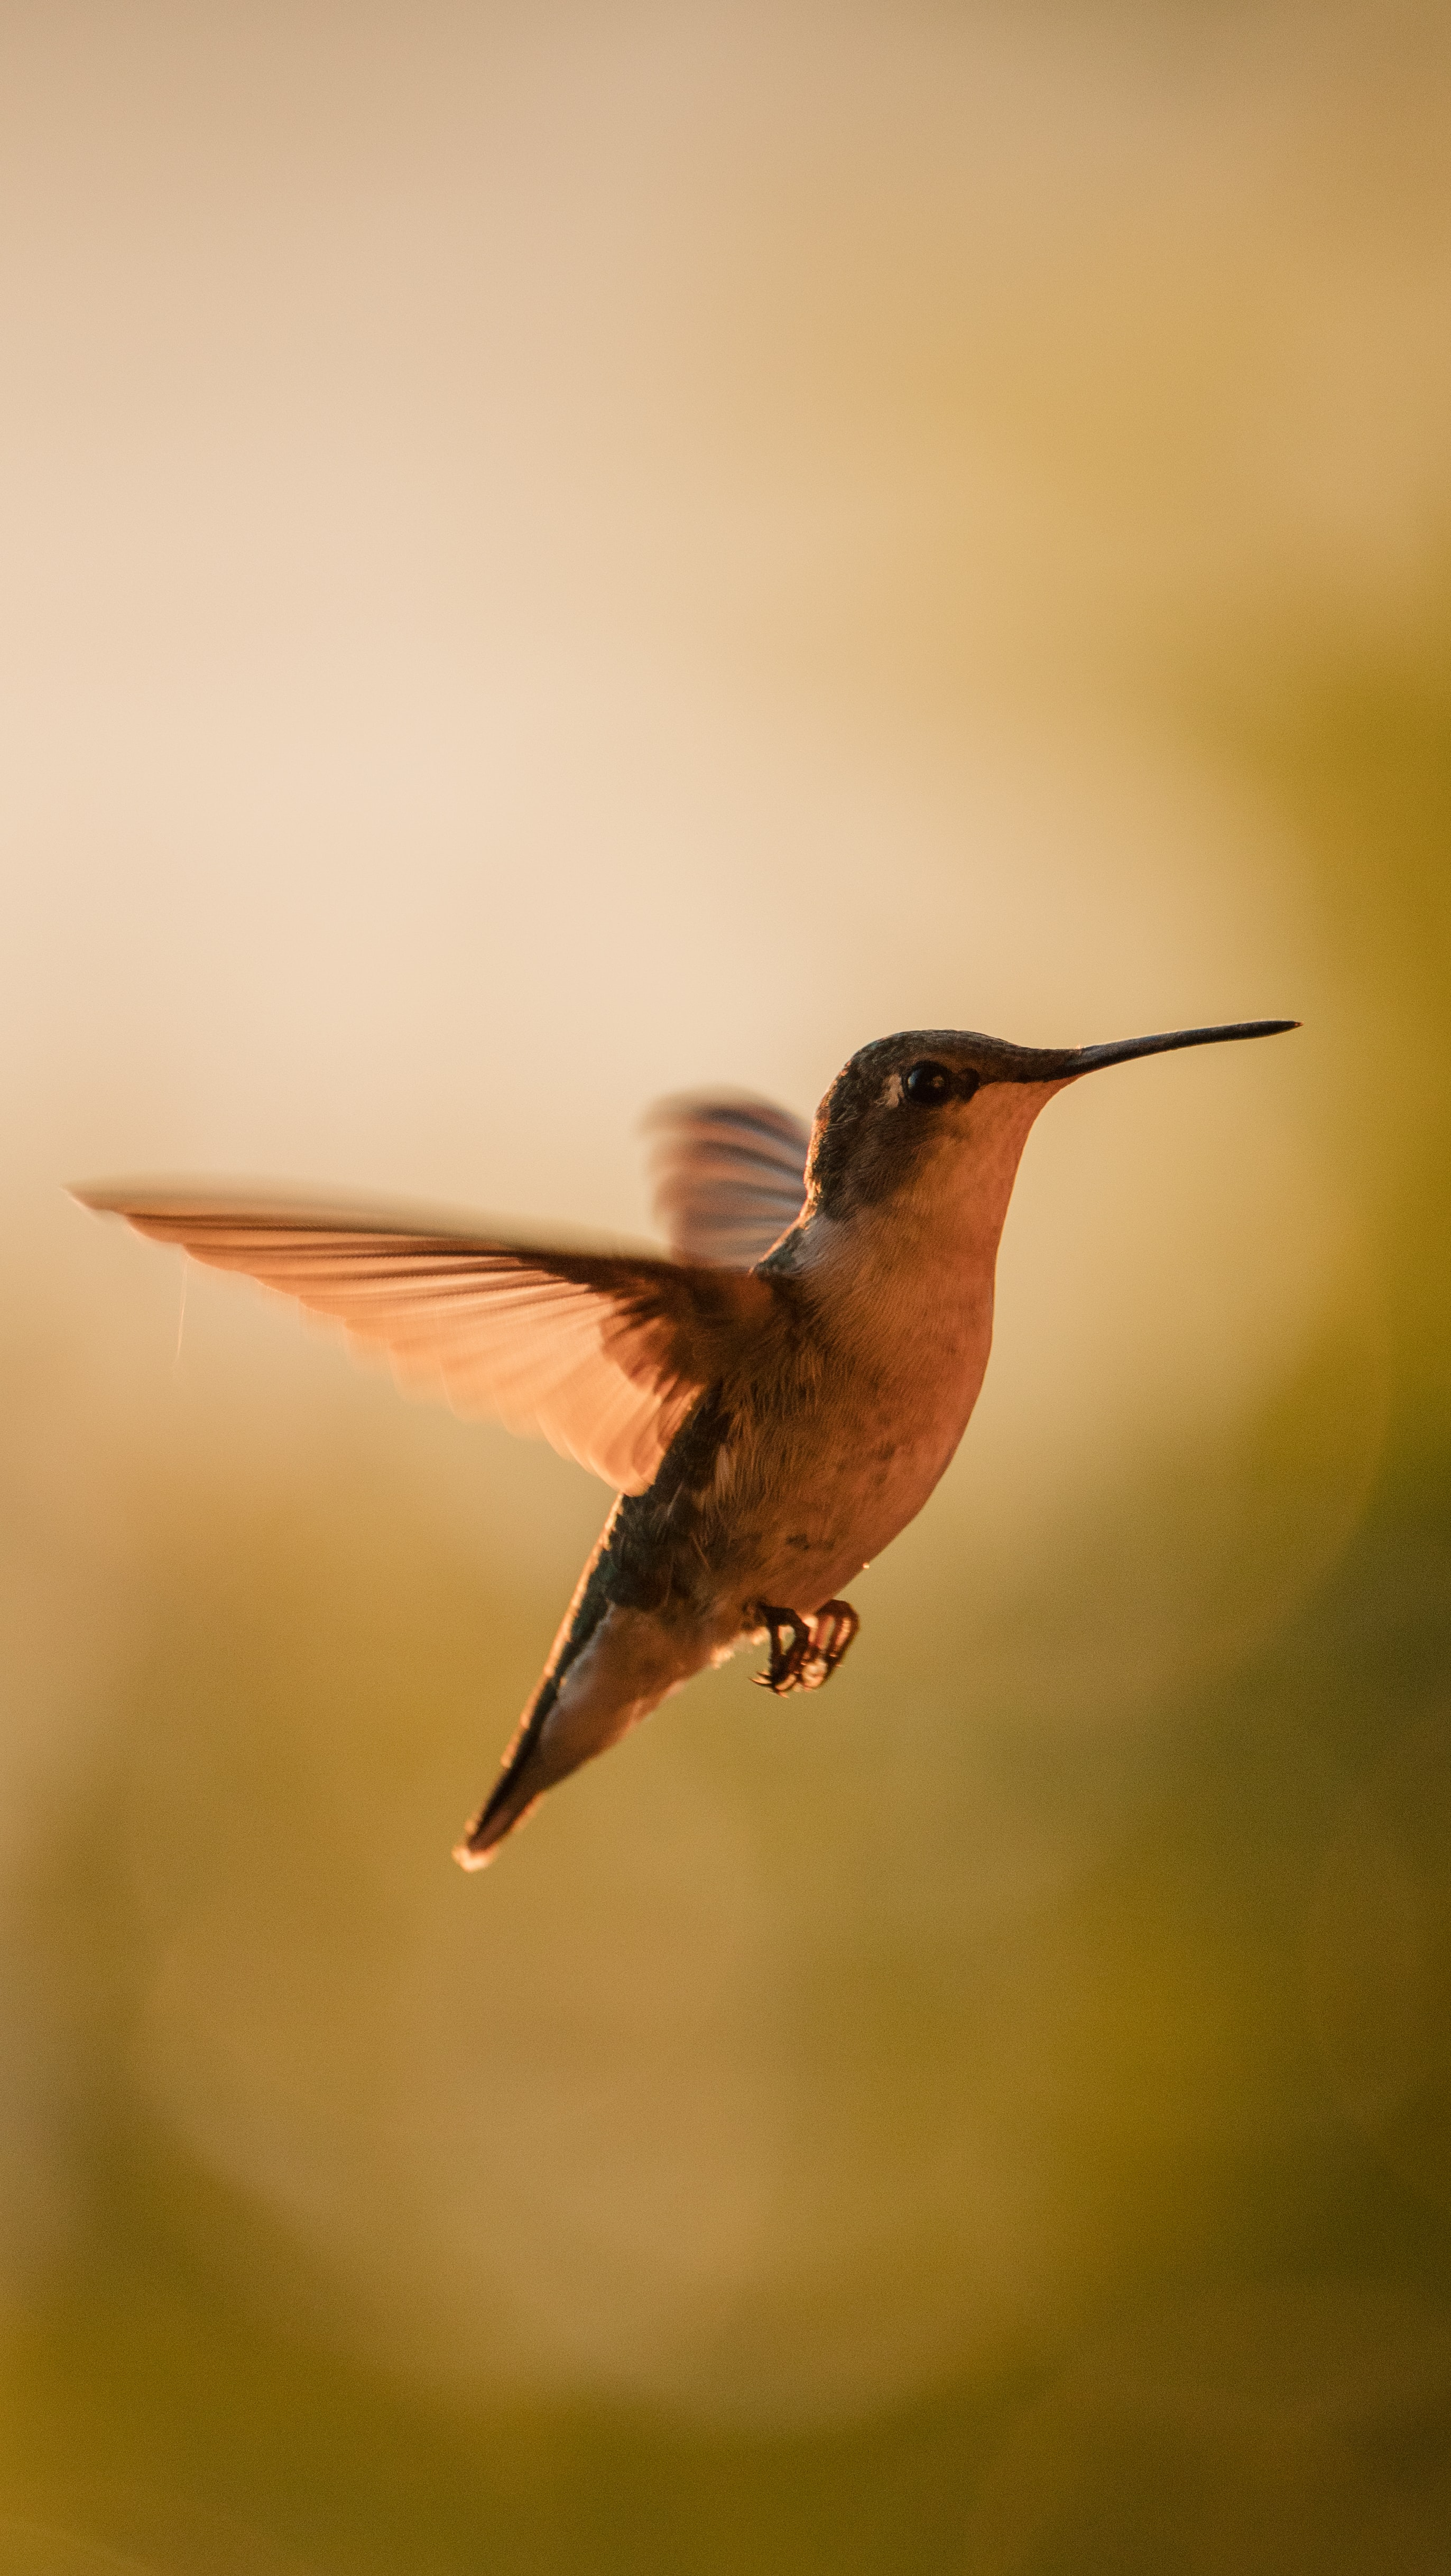 138948 Salvapantallas y fondos de pantalla Animales en tu teléfono. Descarga imágenes de Animales, Colibríes, Pájaro, Alas, Tráfico, Movimiento, Pico gratis